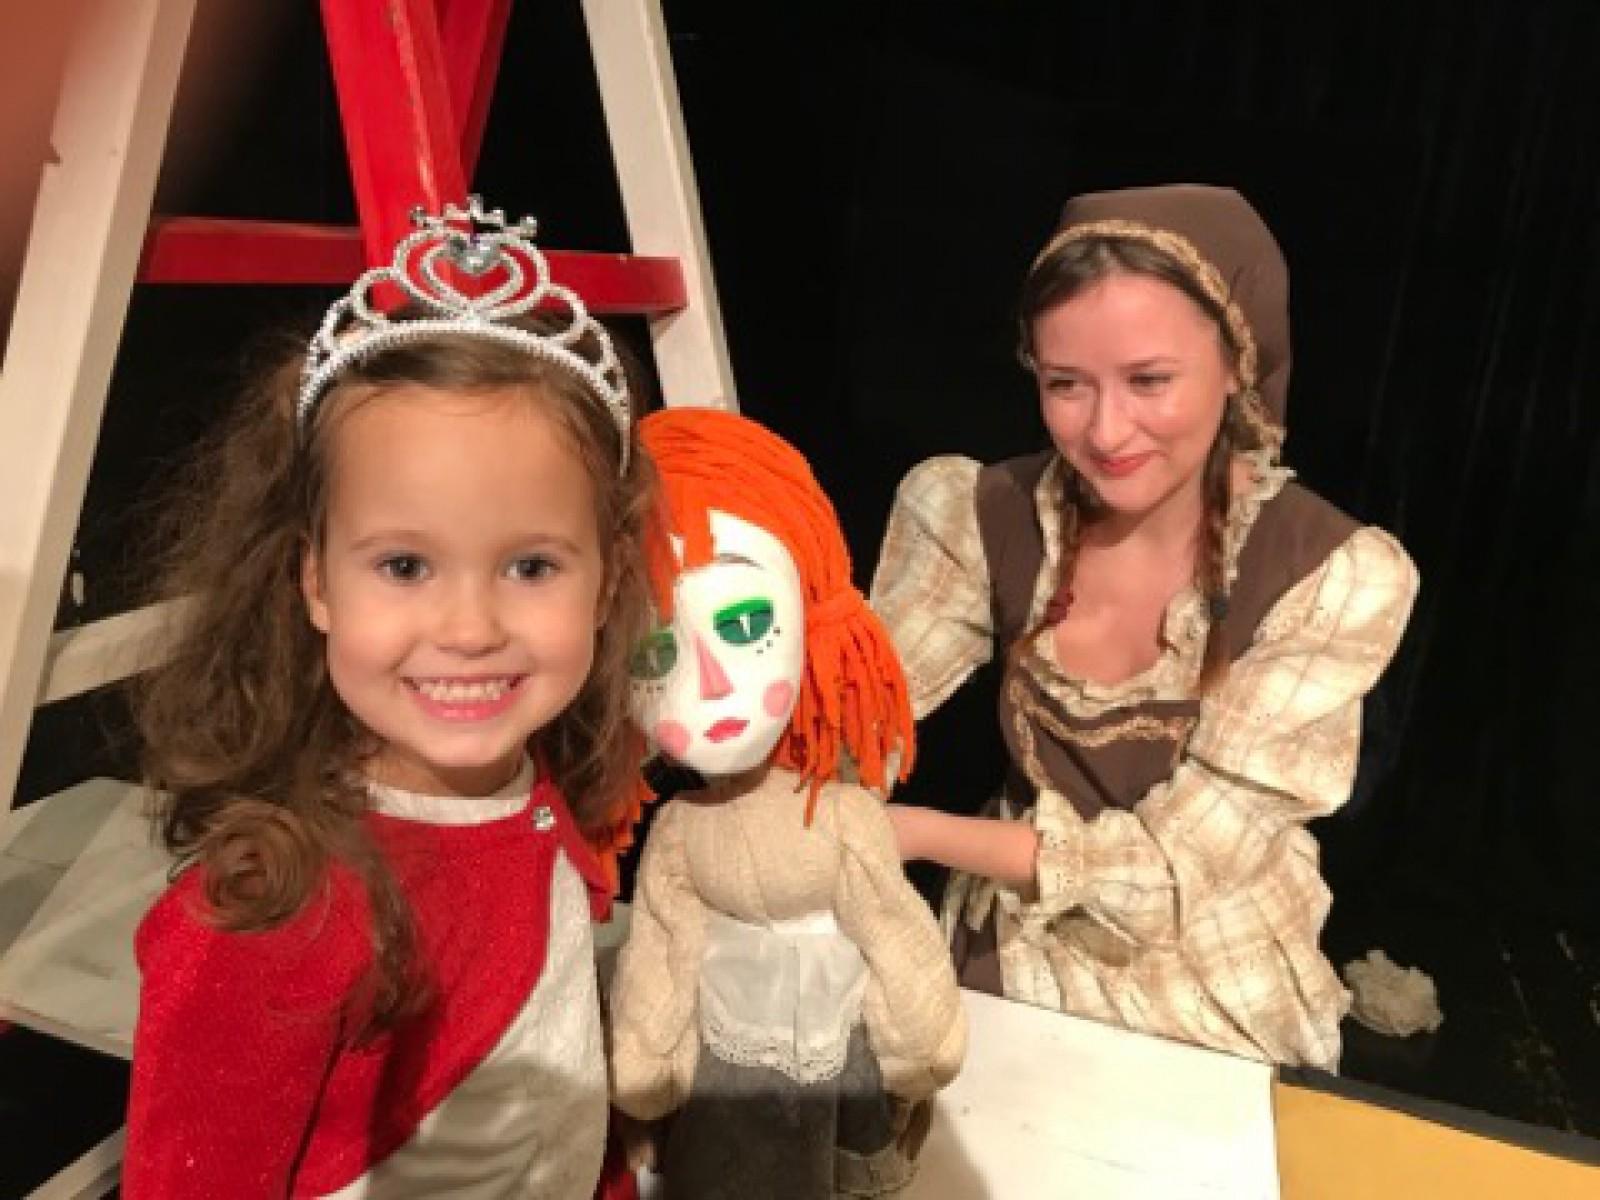 (foto) Peste 50 de copii ai diasporei au sărbătorit Crăciunul cu tradiții și obiceiuri moldovenești la Viena